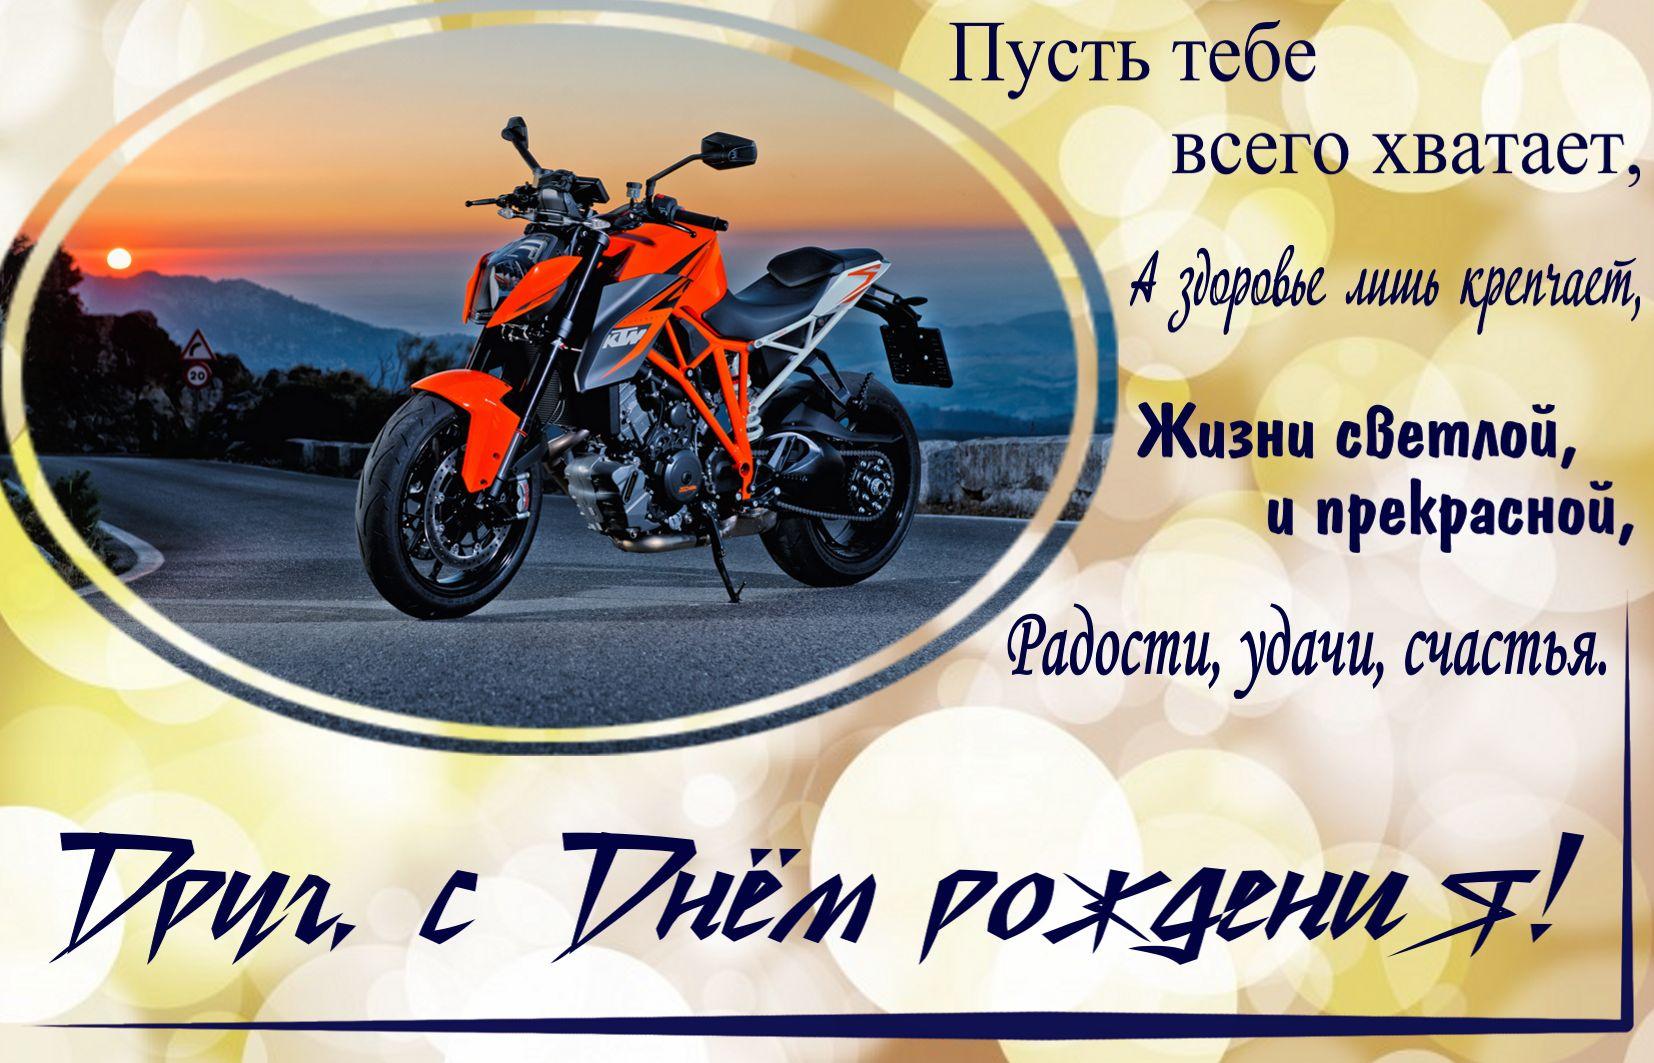 Открытка другу на День рождения - мотоцикл в красивом оформлении